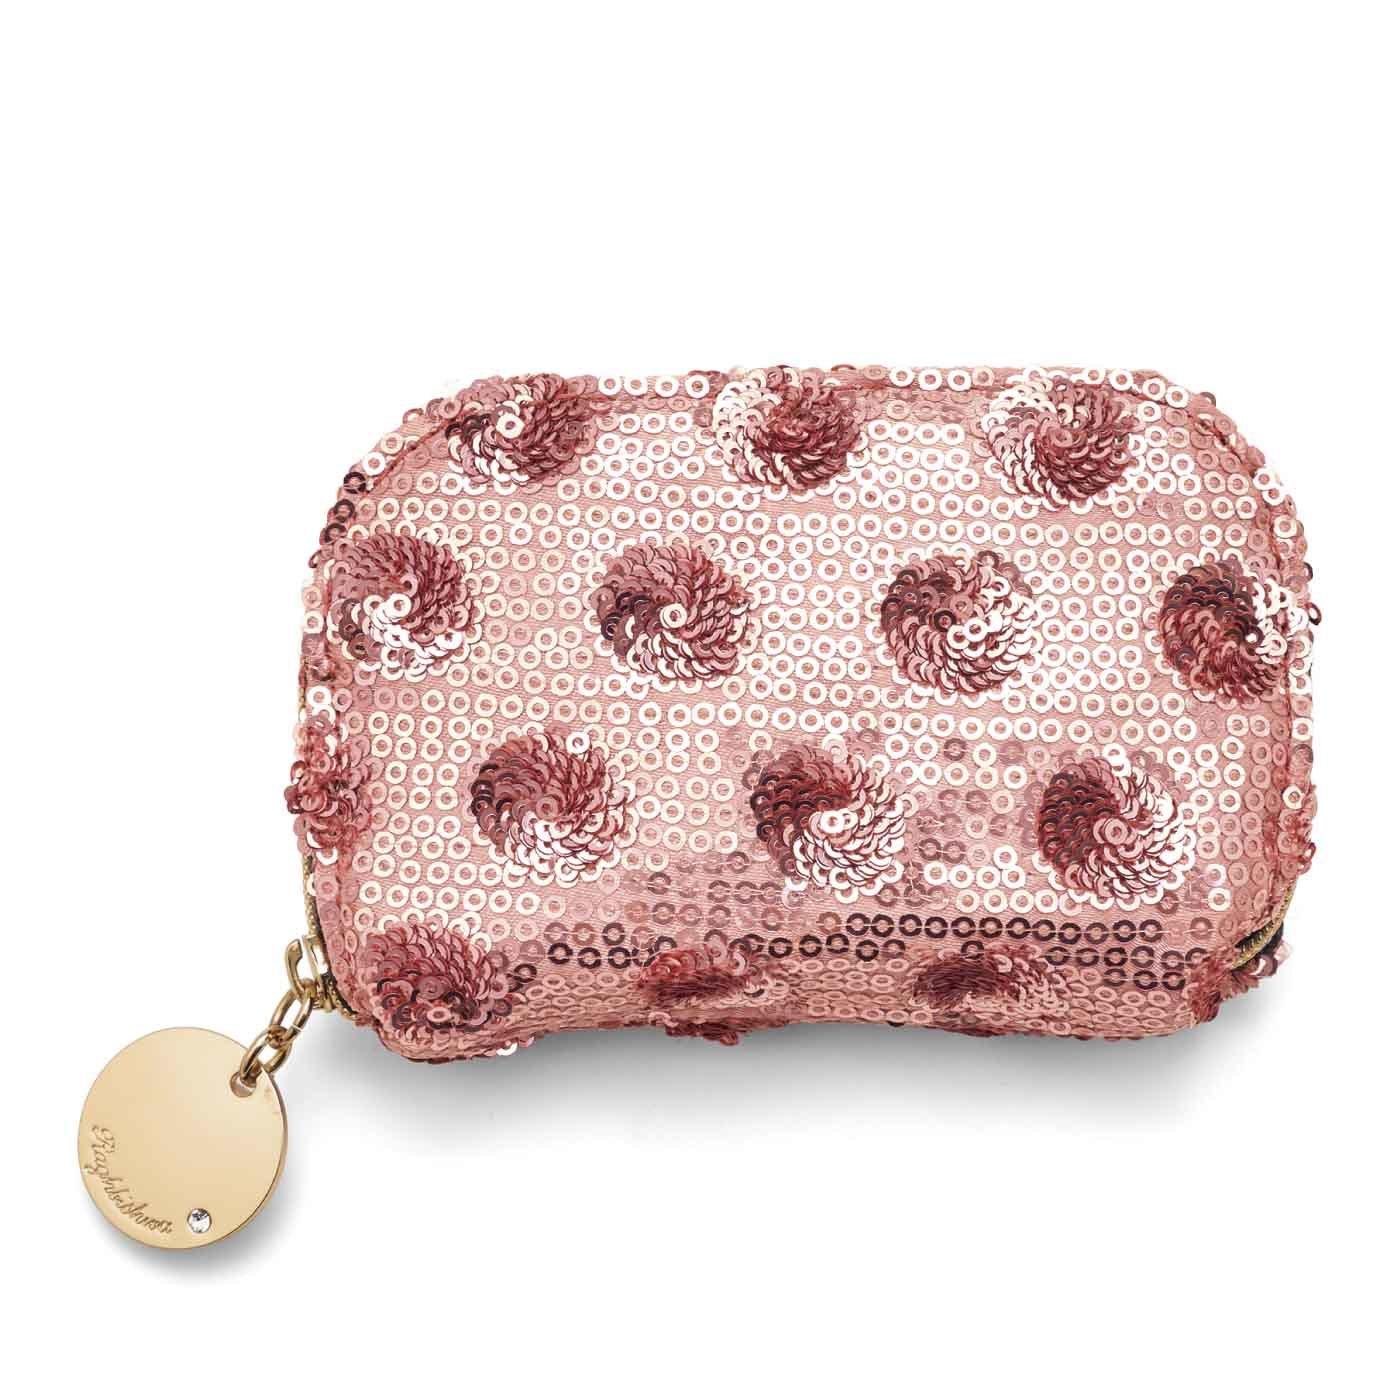 女らしさプラス 大人のシャイニーミニ財布